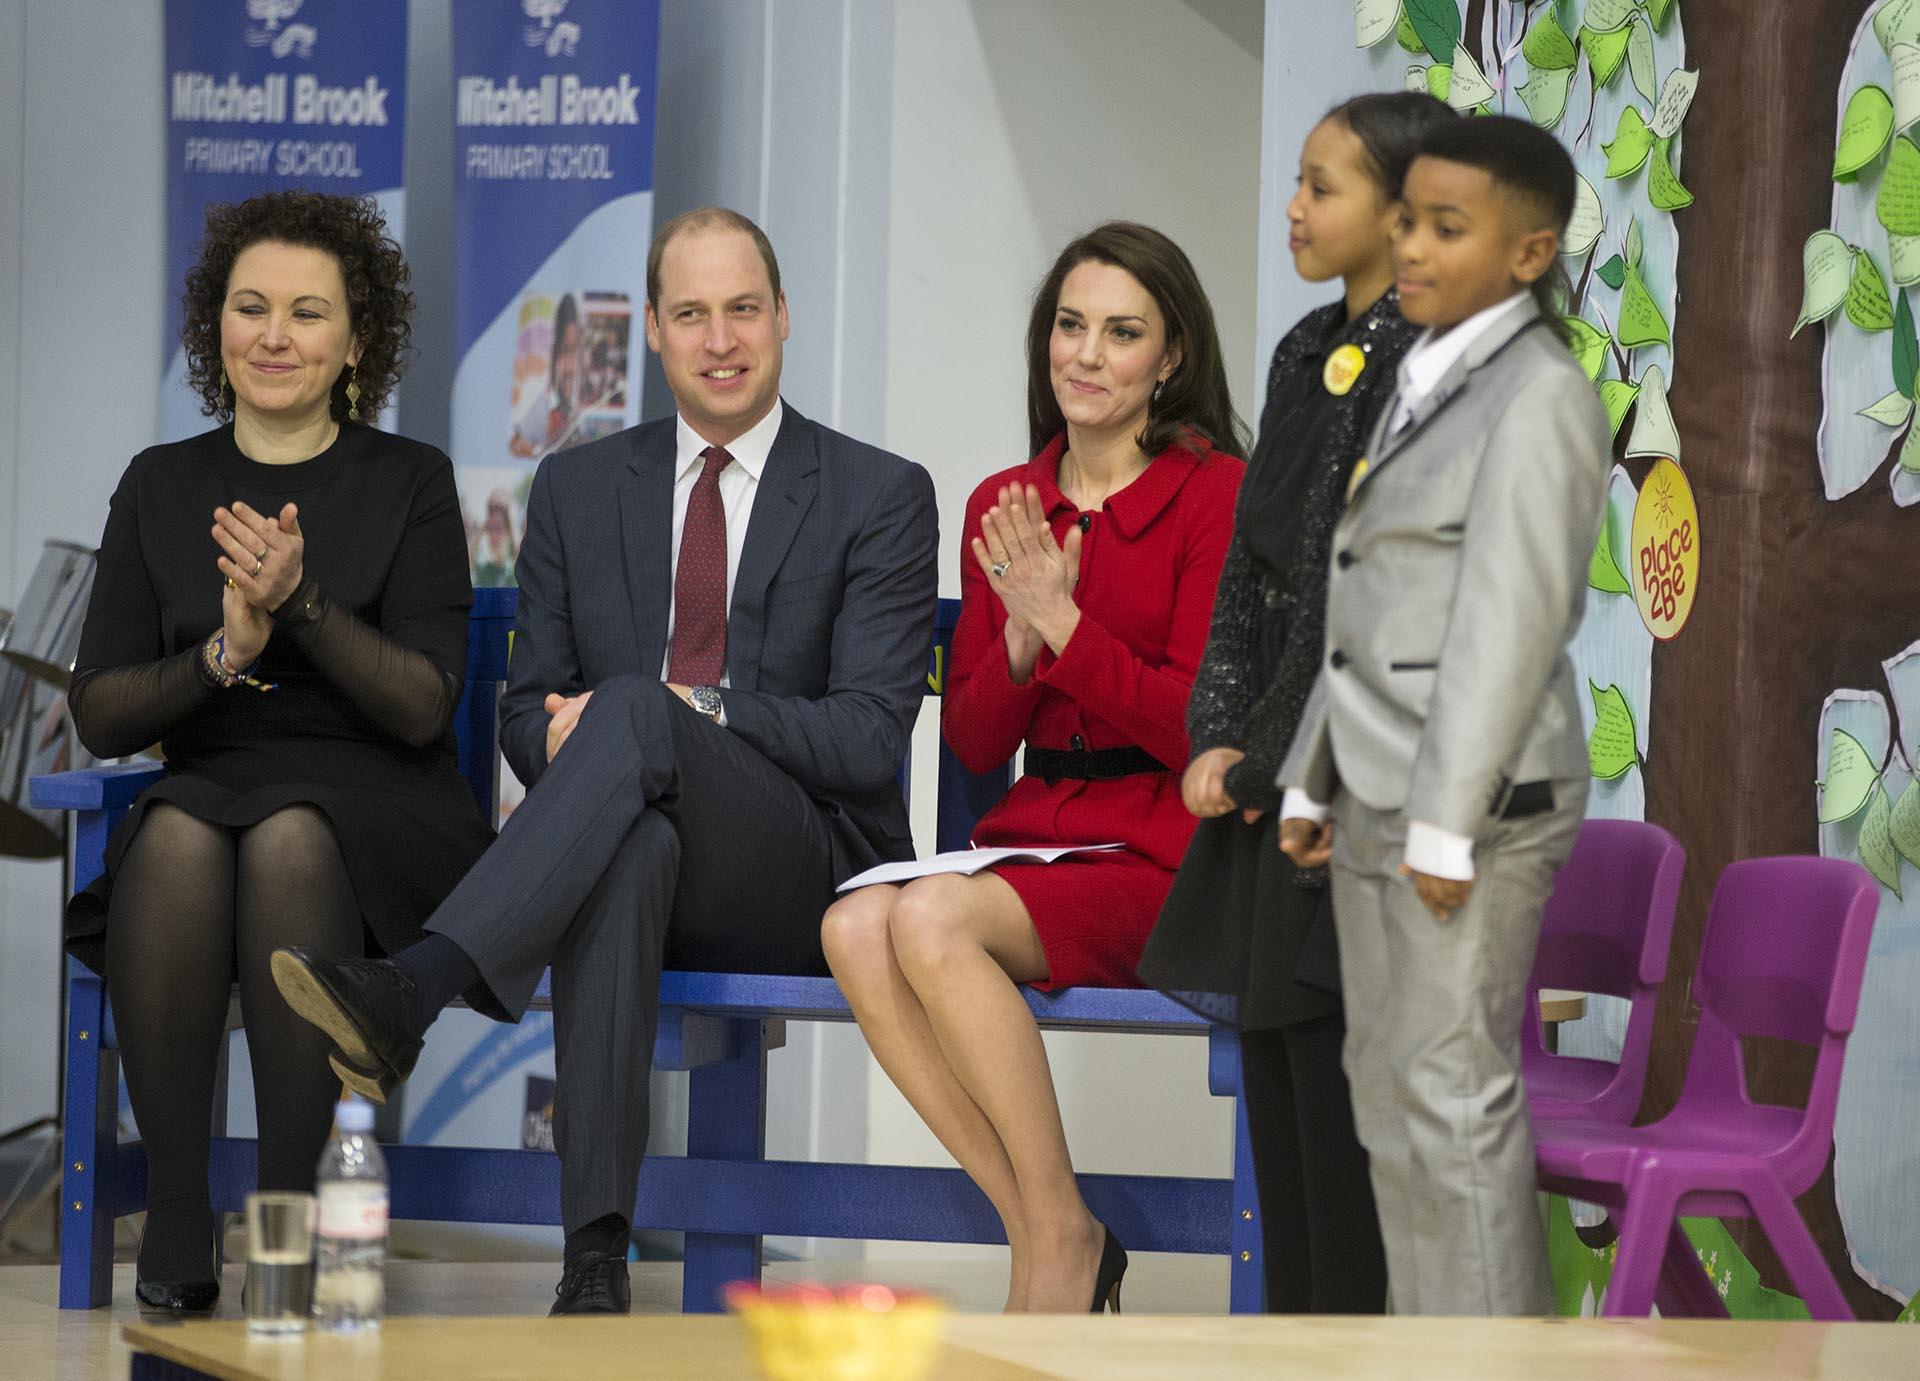 La pareja real británica se mostró plena en una de las primeras ocasiones en el año en la que compartieron un compromiso oficial. Días atrás, se presentaron en una carrera deportiva junto al príncipe Harry /// Fotos: Getty Images